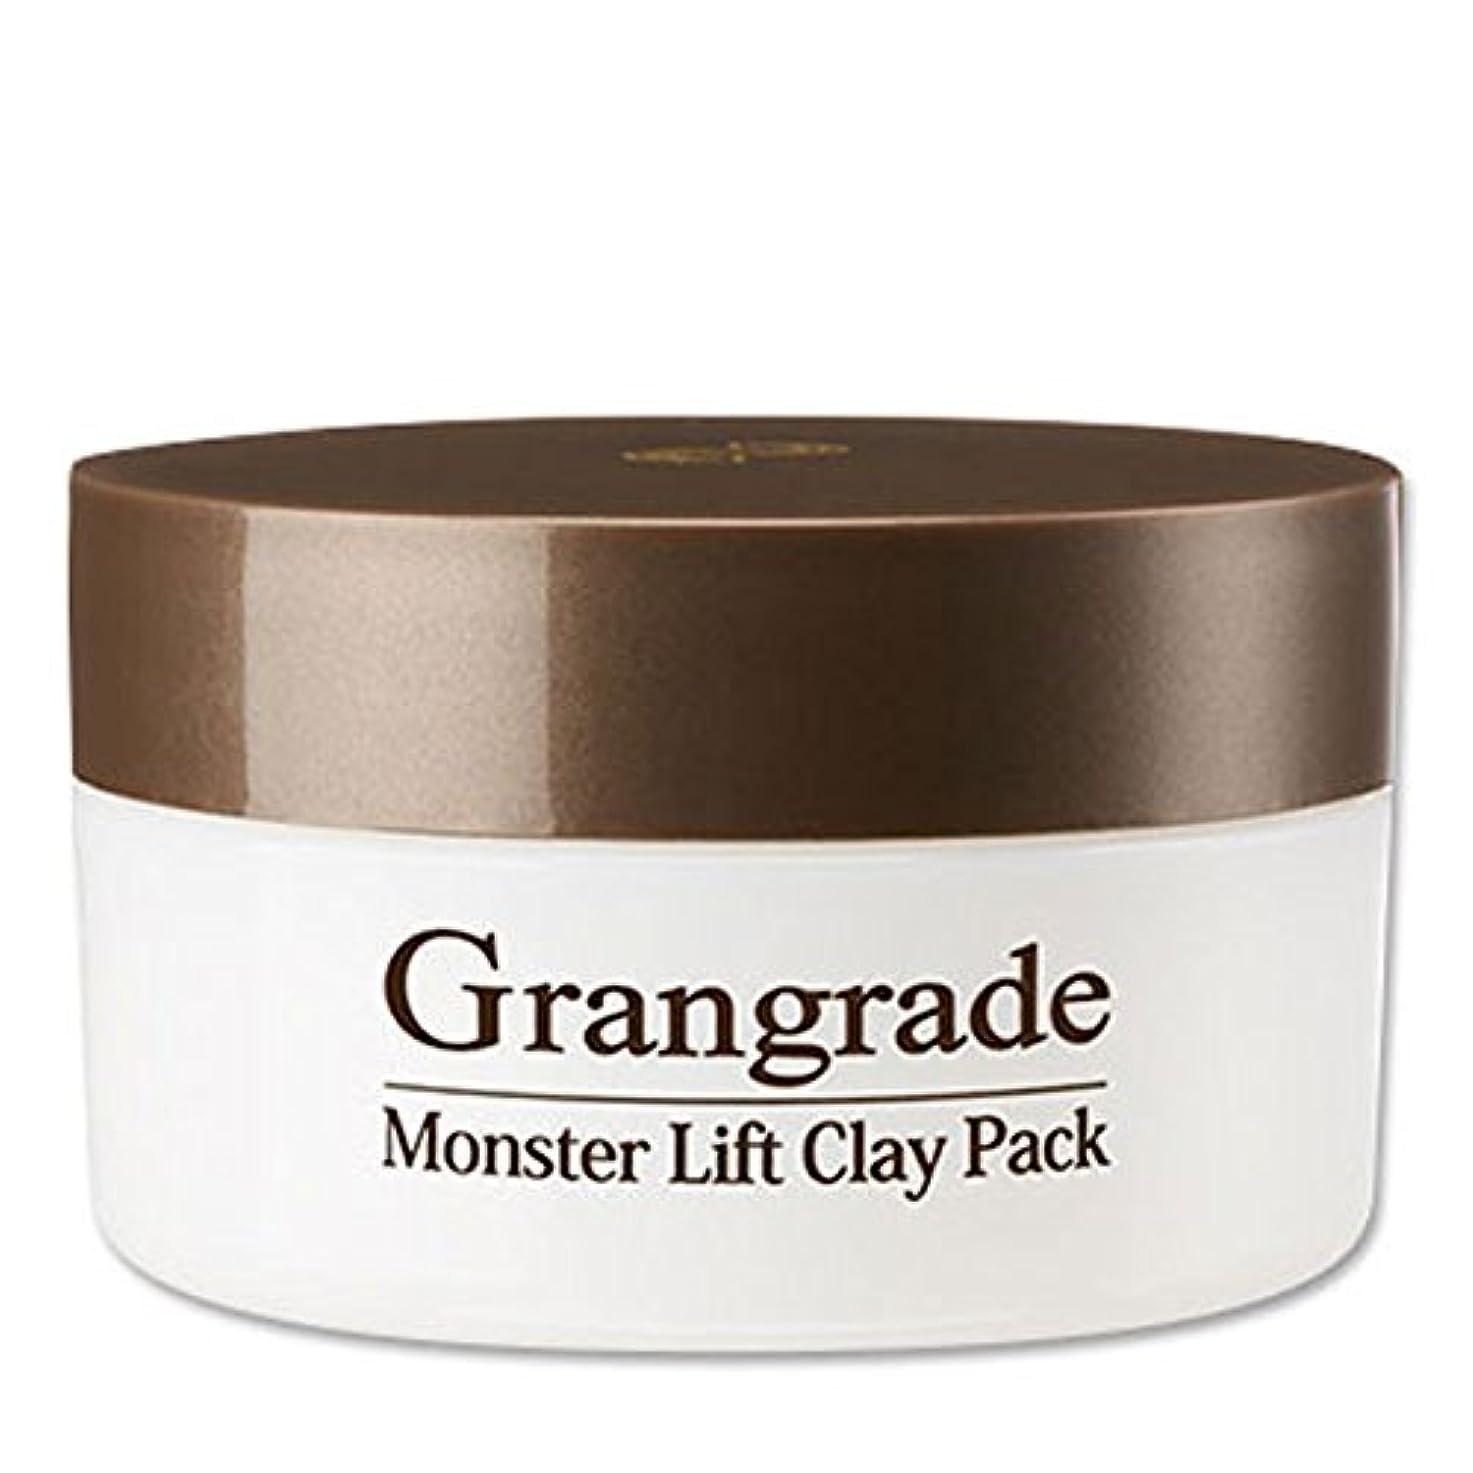 エンターテインメント時折精査Grangrade グラングレイ モンスターリフトクレイパック